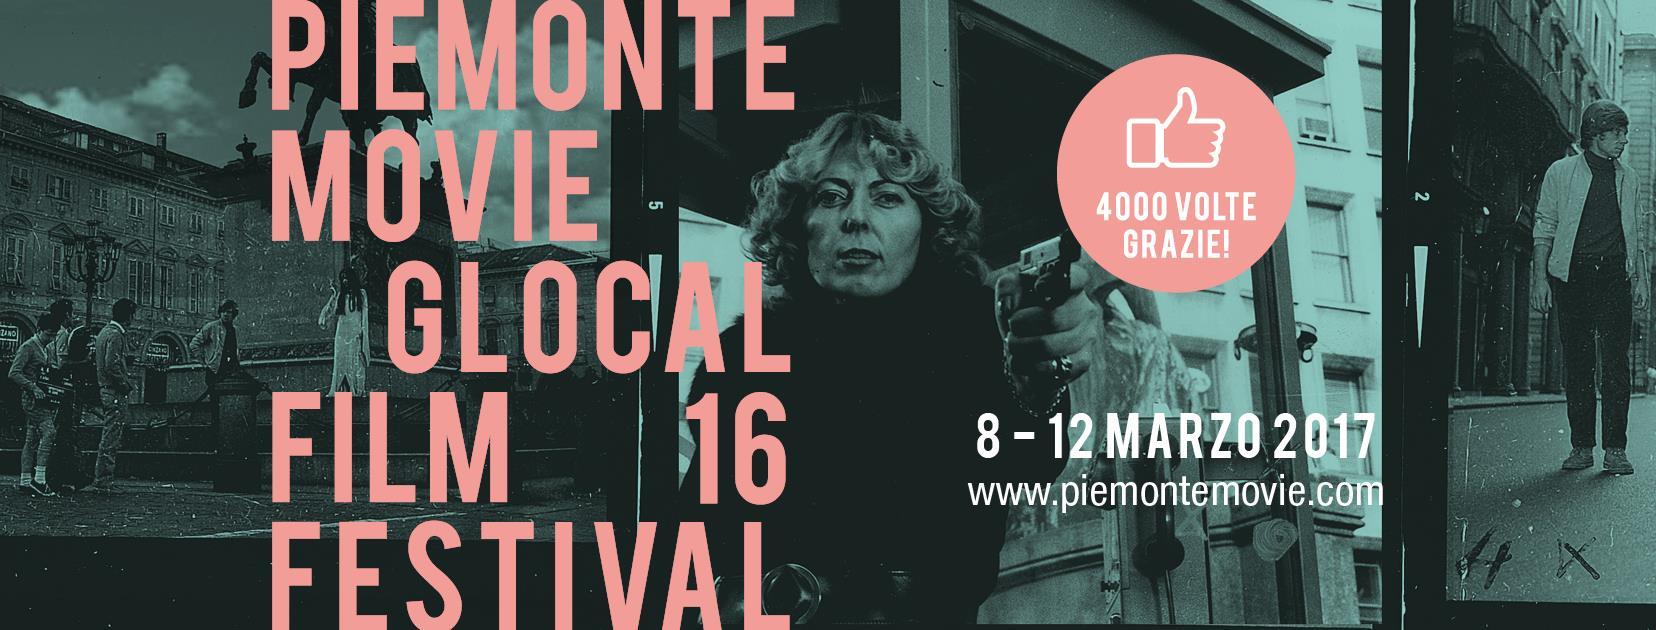 Domenica 12 marzo 2017 alle 20.30 al Cinema Massimo (Torino) si è conclusa la 16° edizione del Piemonte Movie gLocal Film Festival, con l'assegnazione dei premi delle sezioni competitive Spazio […]